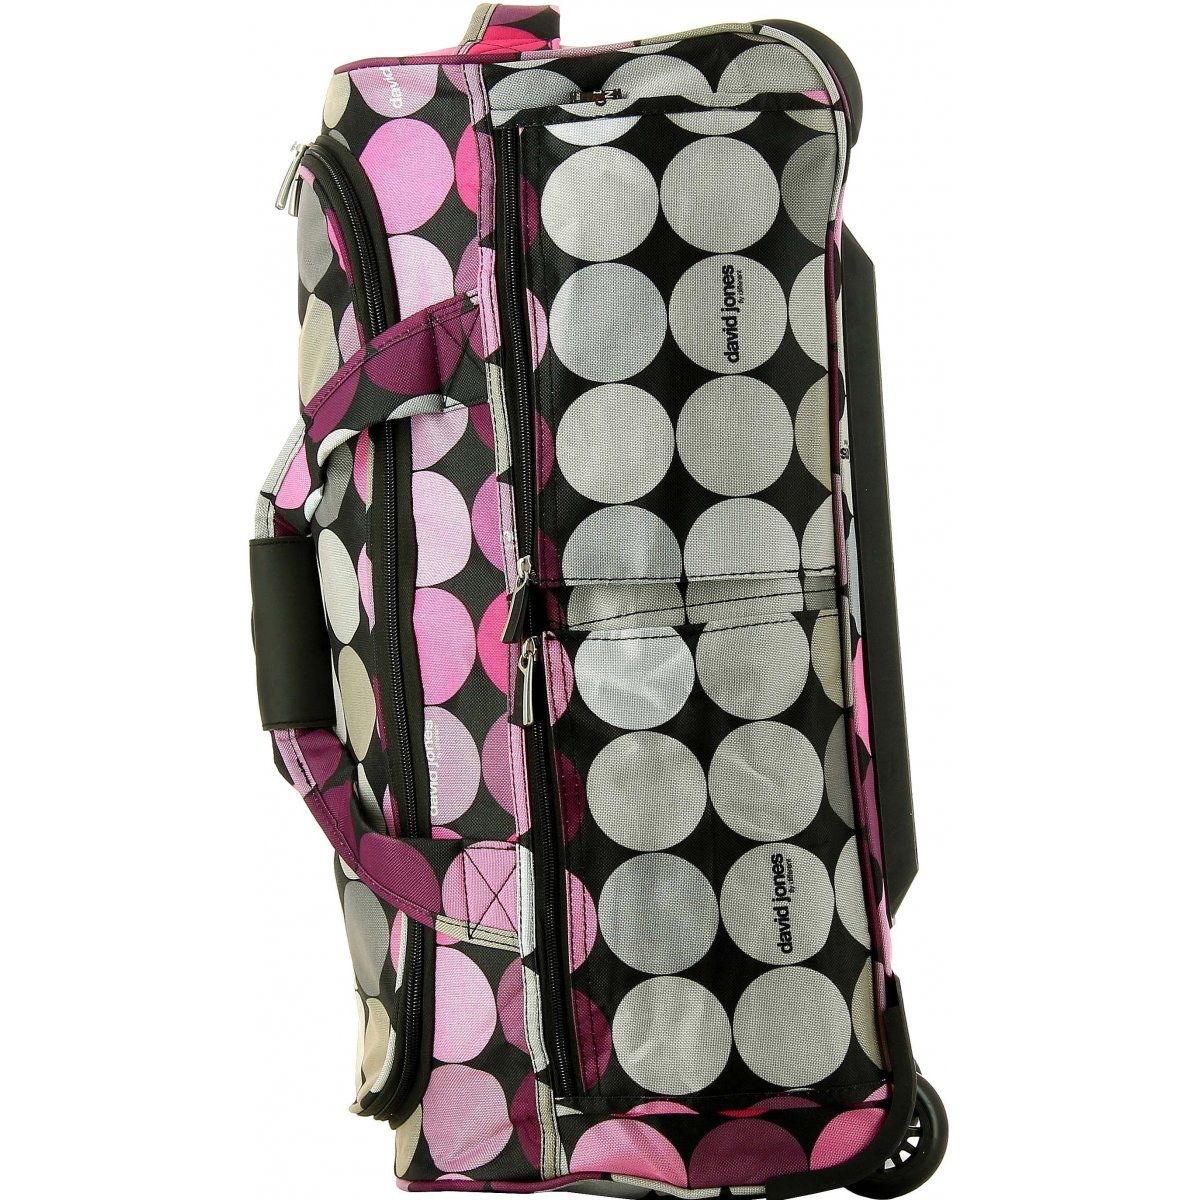 sac de voyage roulettes david jones taille s ba60221s couleur principale rond promotion. Black Bedroom Furniture Sets. Home Design Ideas